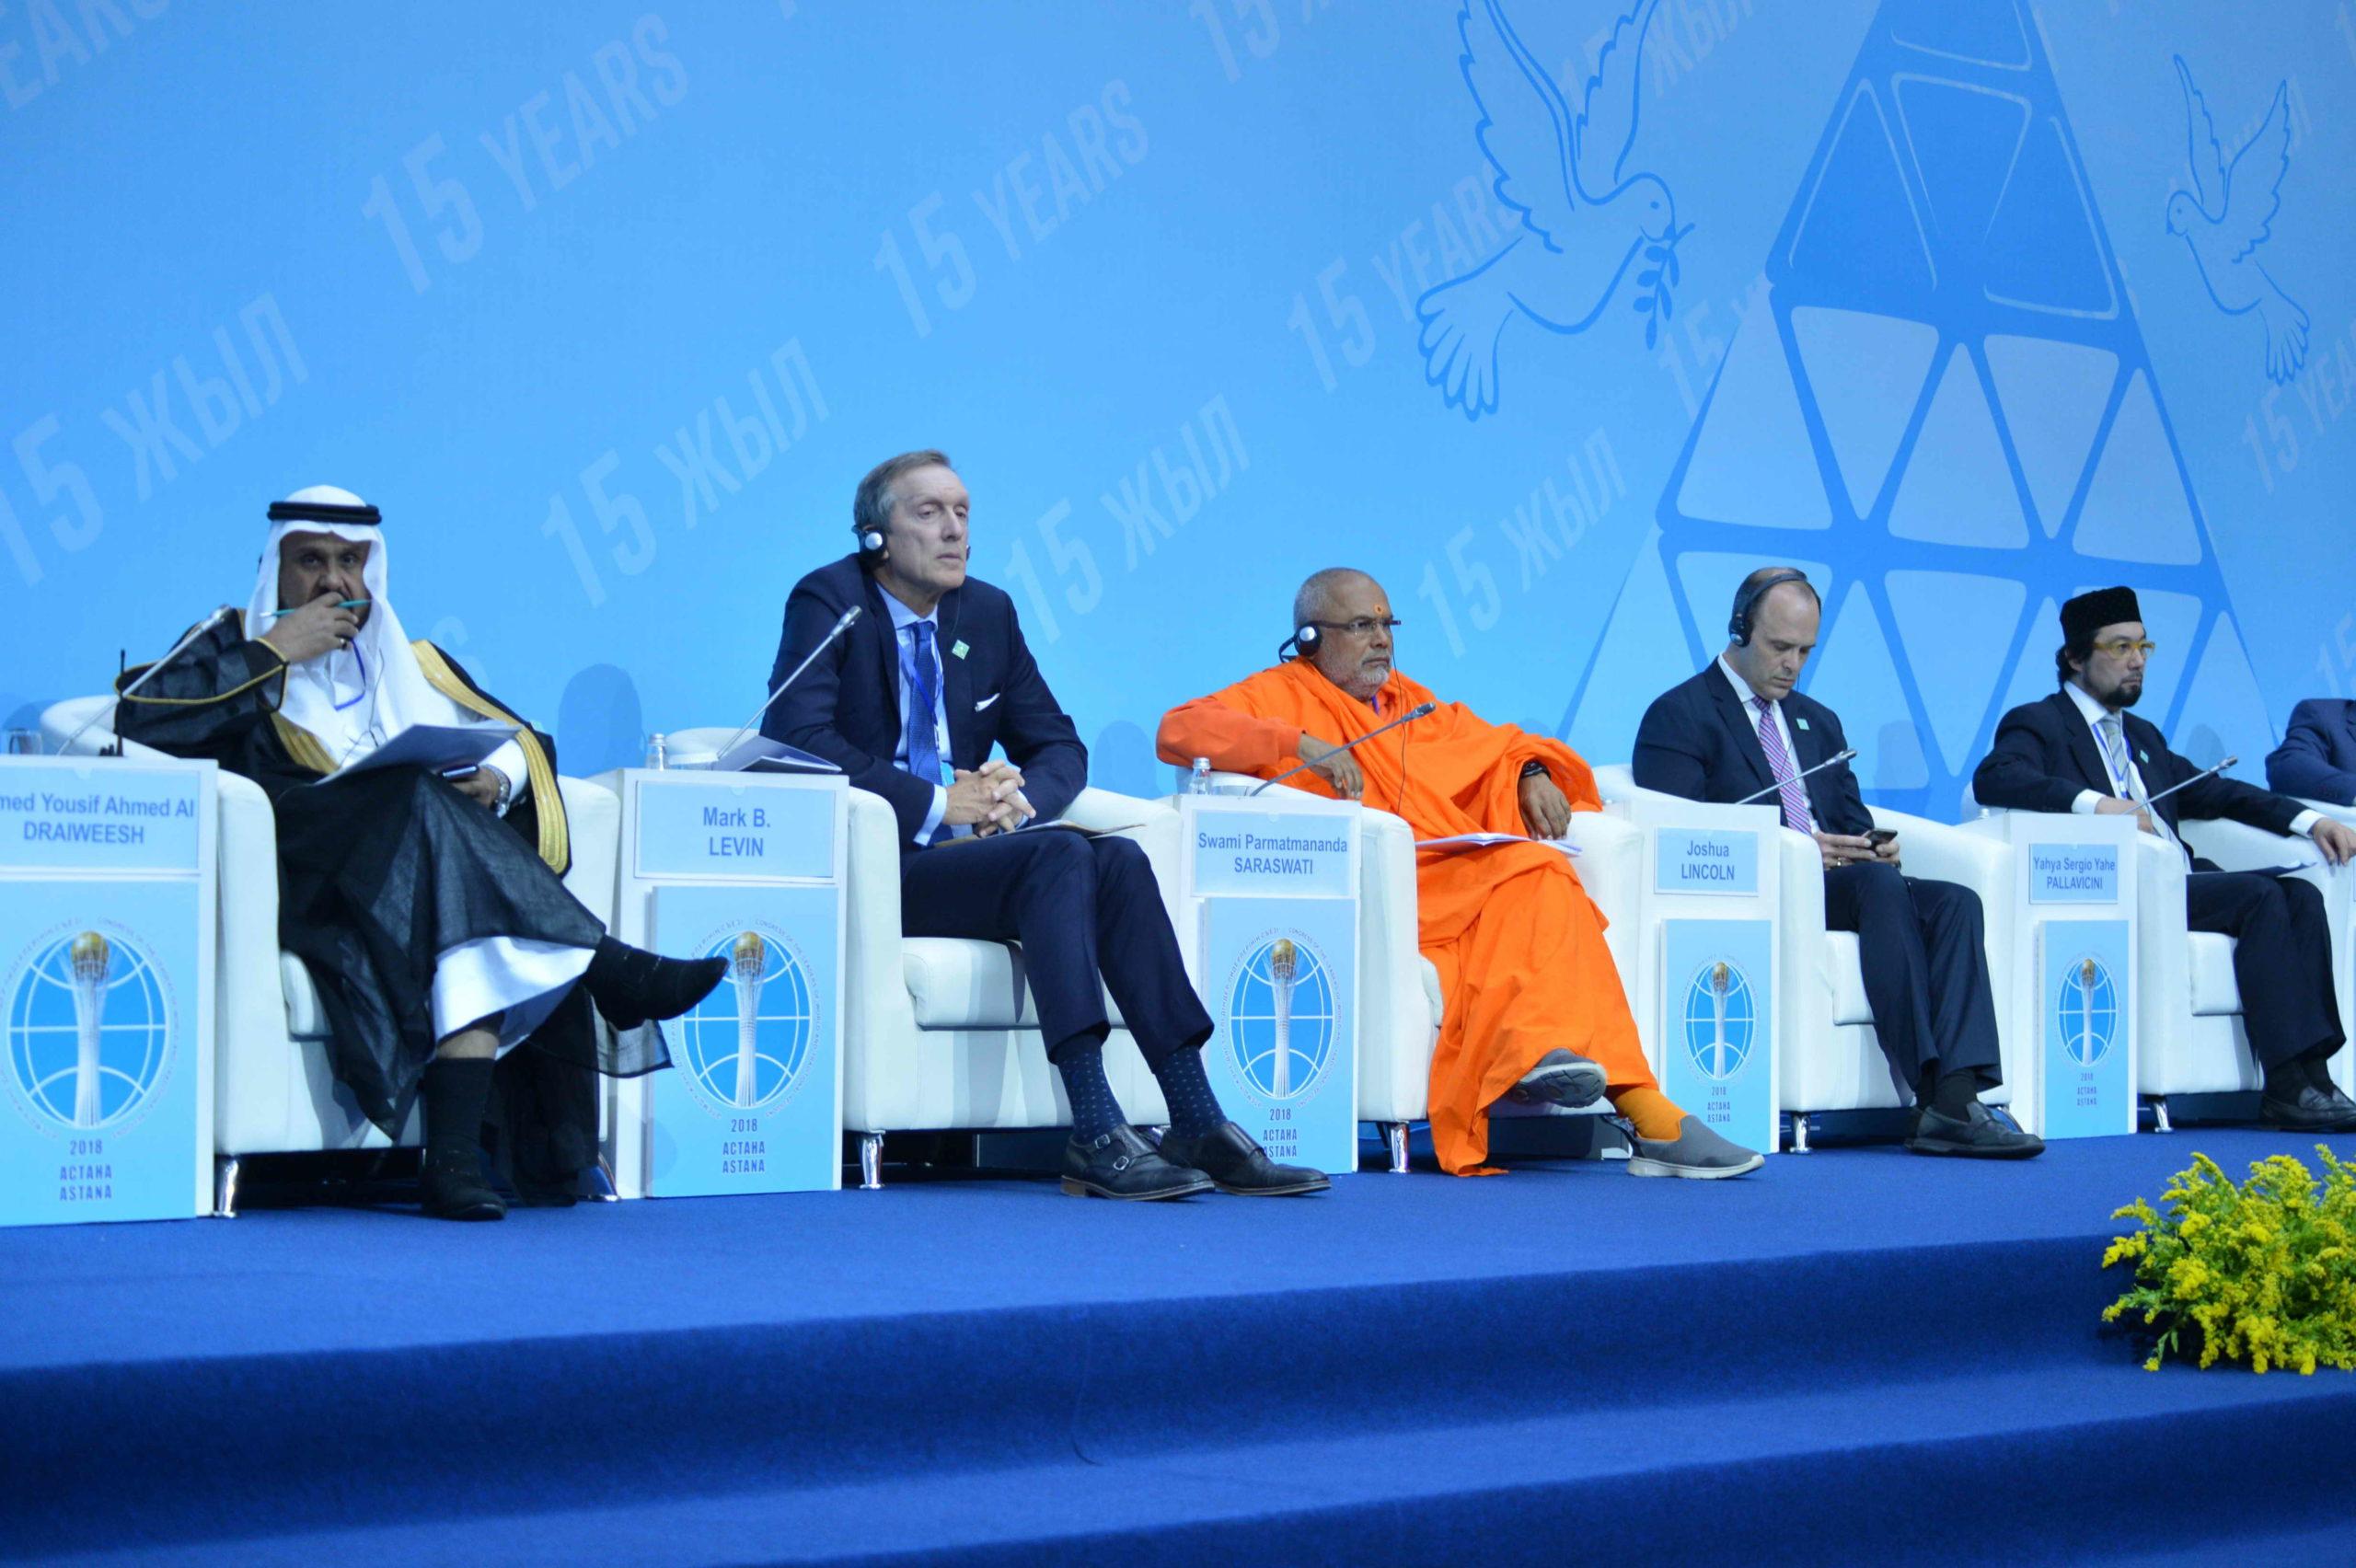 Спикеры секционного заседания «Религия и глобализация:вызовы и ответы»